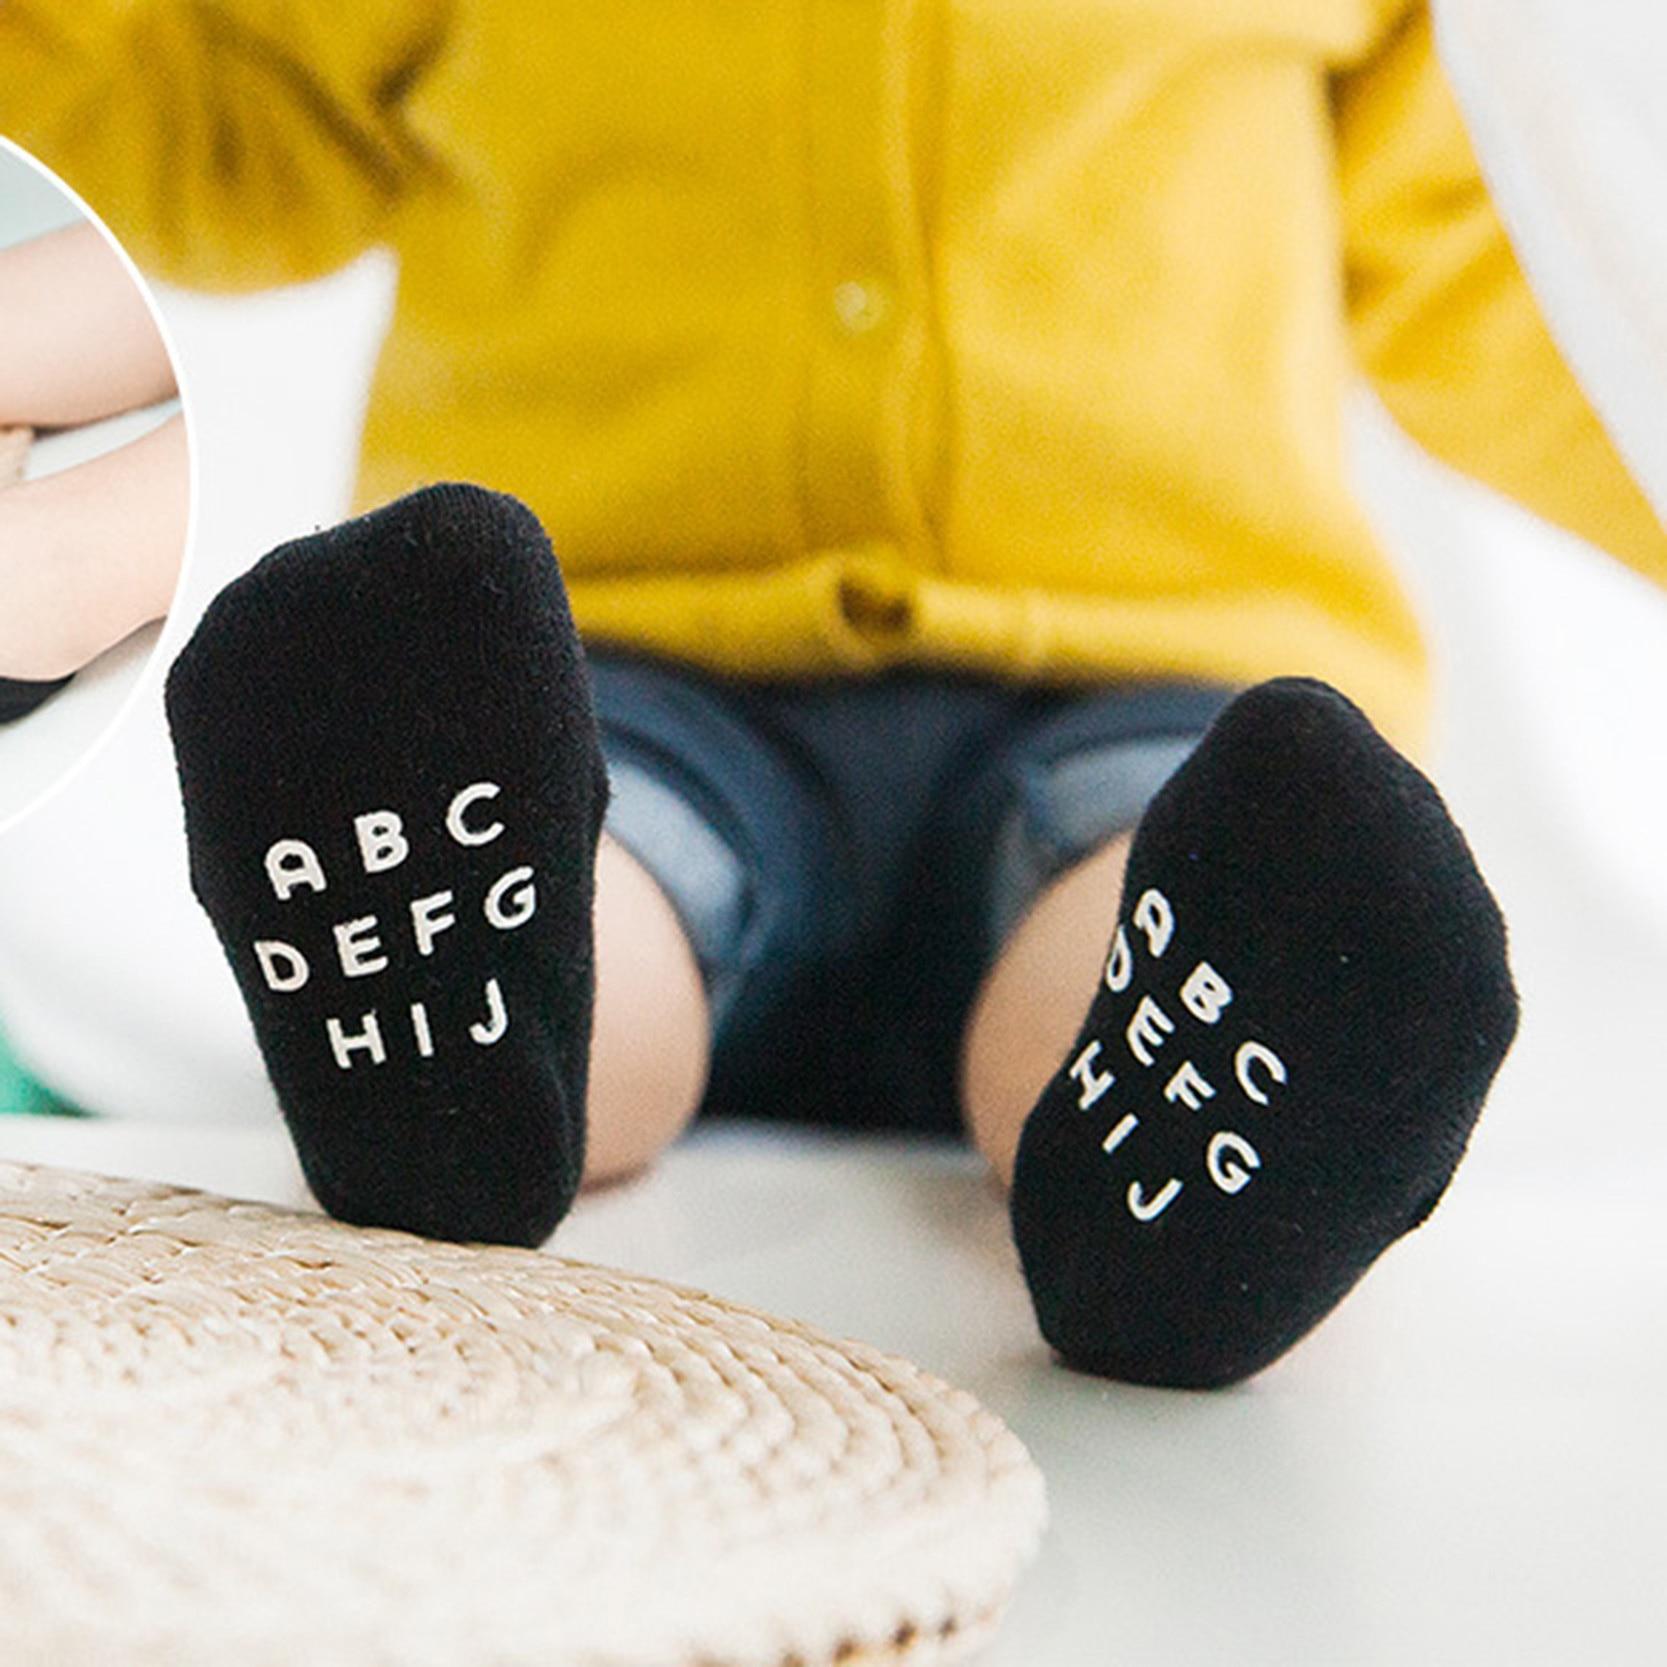 Unisex Baby Girls Boys Socks Summer Cotton Toddler Infant Invisible Ankle Anti Slip Socks Slippers 9 Colors цена 2017